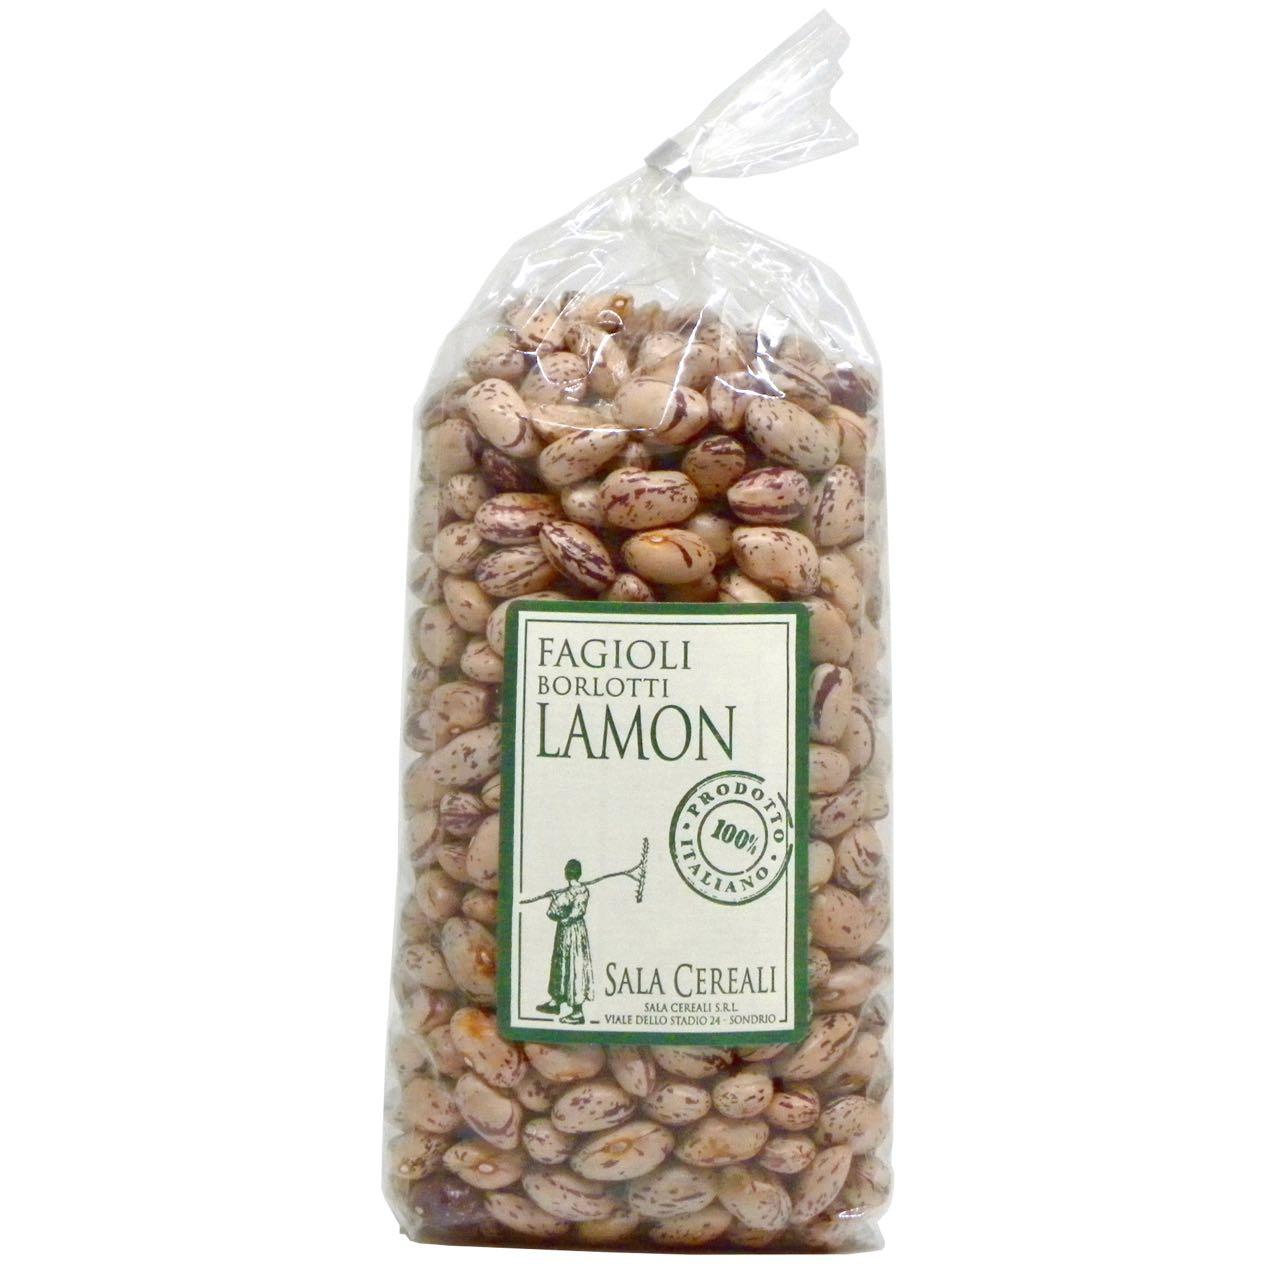 Fagioli borlotti Lamon italiani Sala Cereali – Sala Cereali Italian Borlotti Lamon Beans – Gustorotondo – Italian food boutique